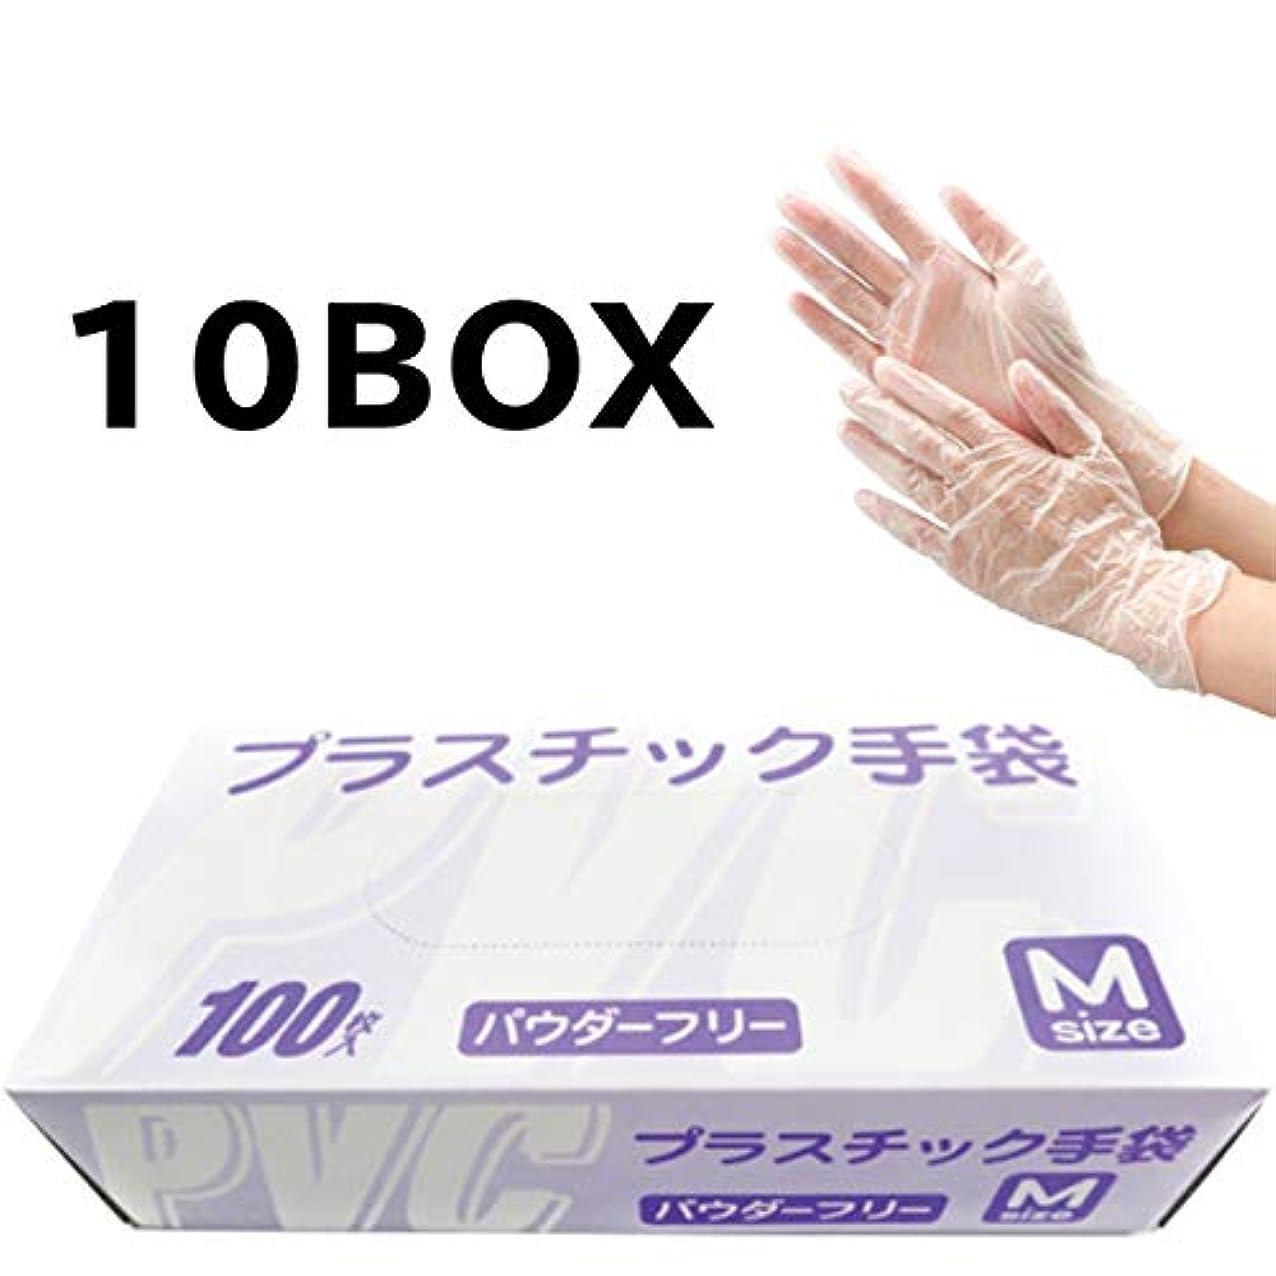 ペッカディロましいリレー【お得なセット商品】(300枚) 使い捨て手袋 プラスチックグローブ 粉なし Mサイズ 100枚入×3個セット 超薄手 100422 (10BOX)